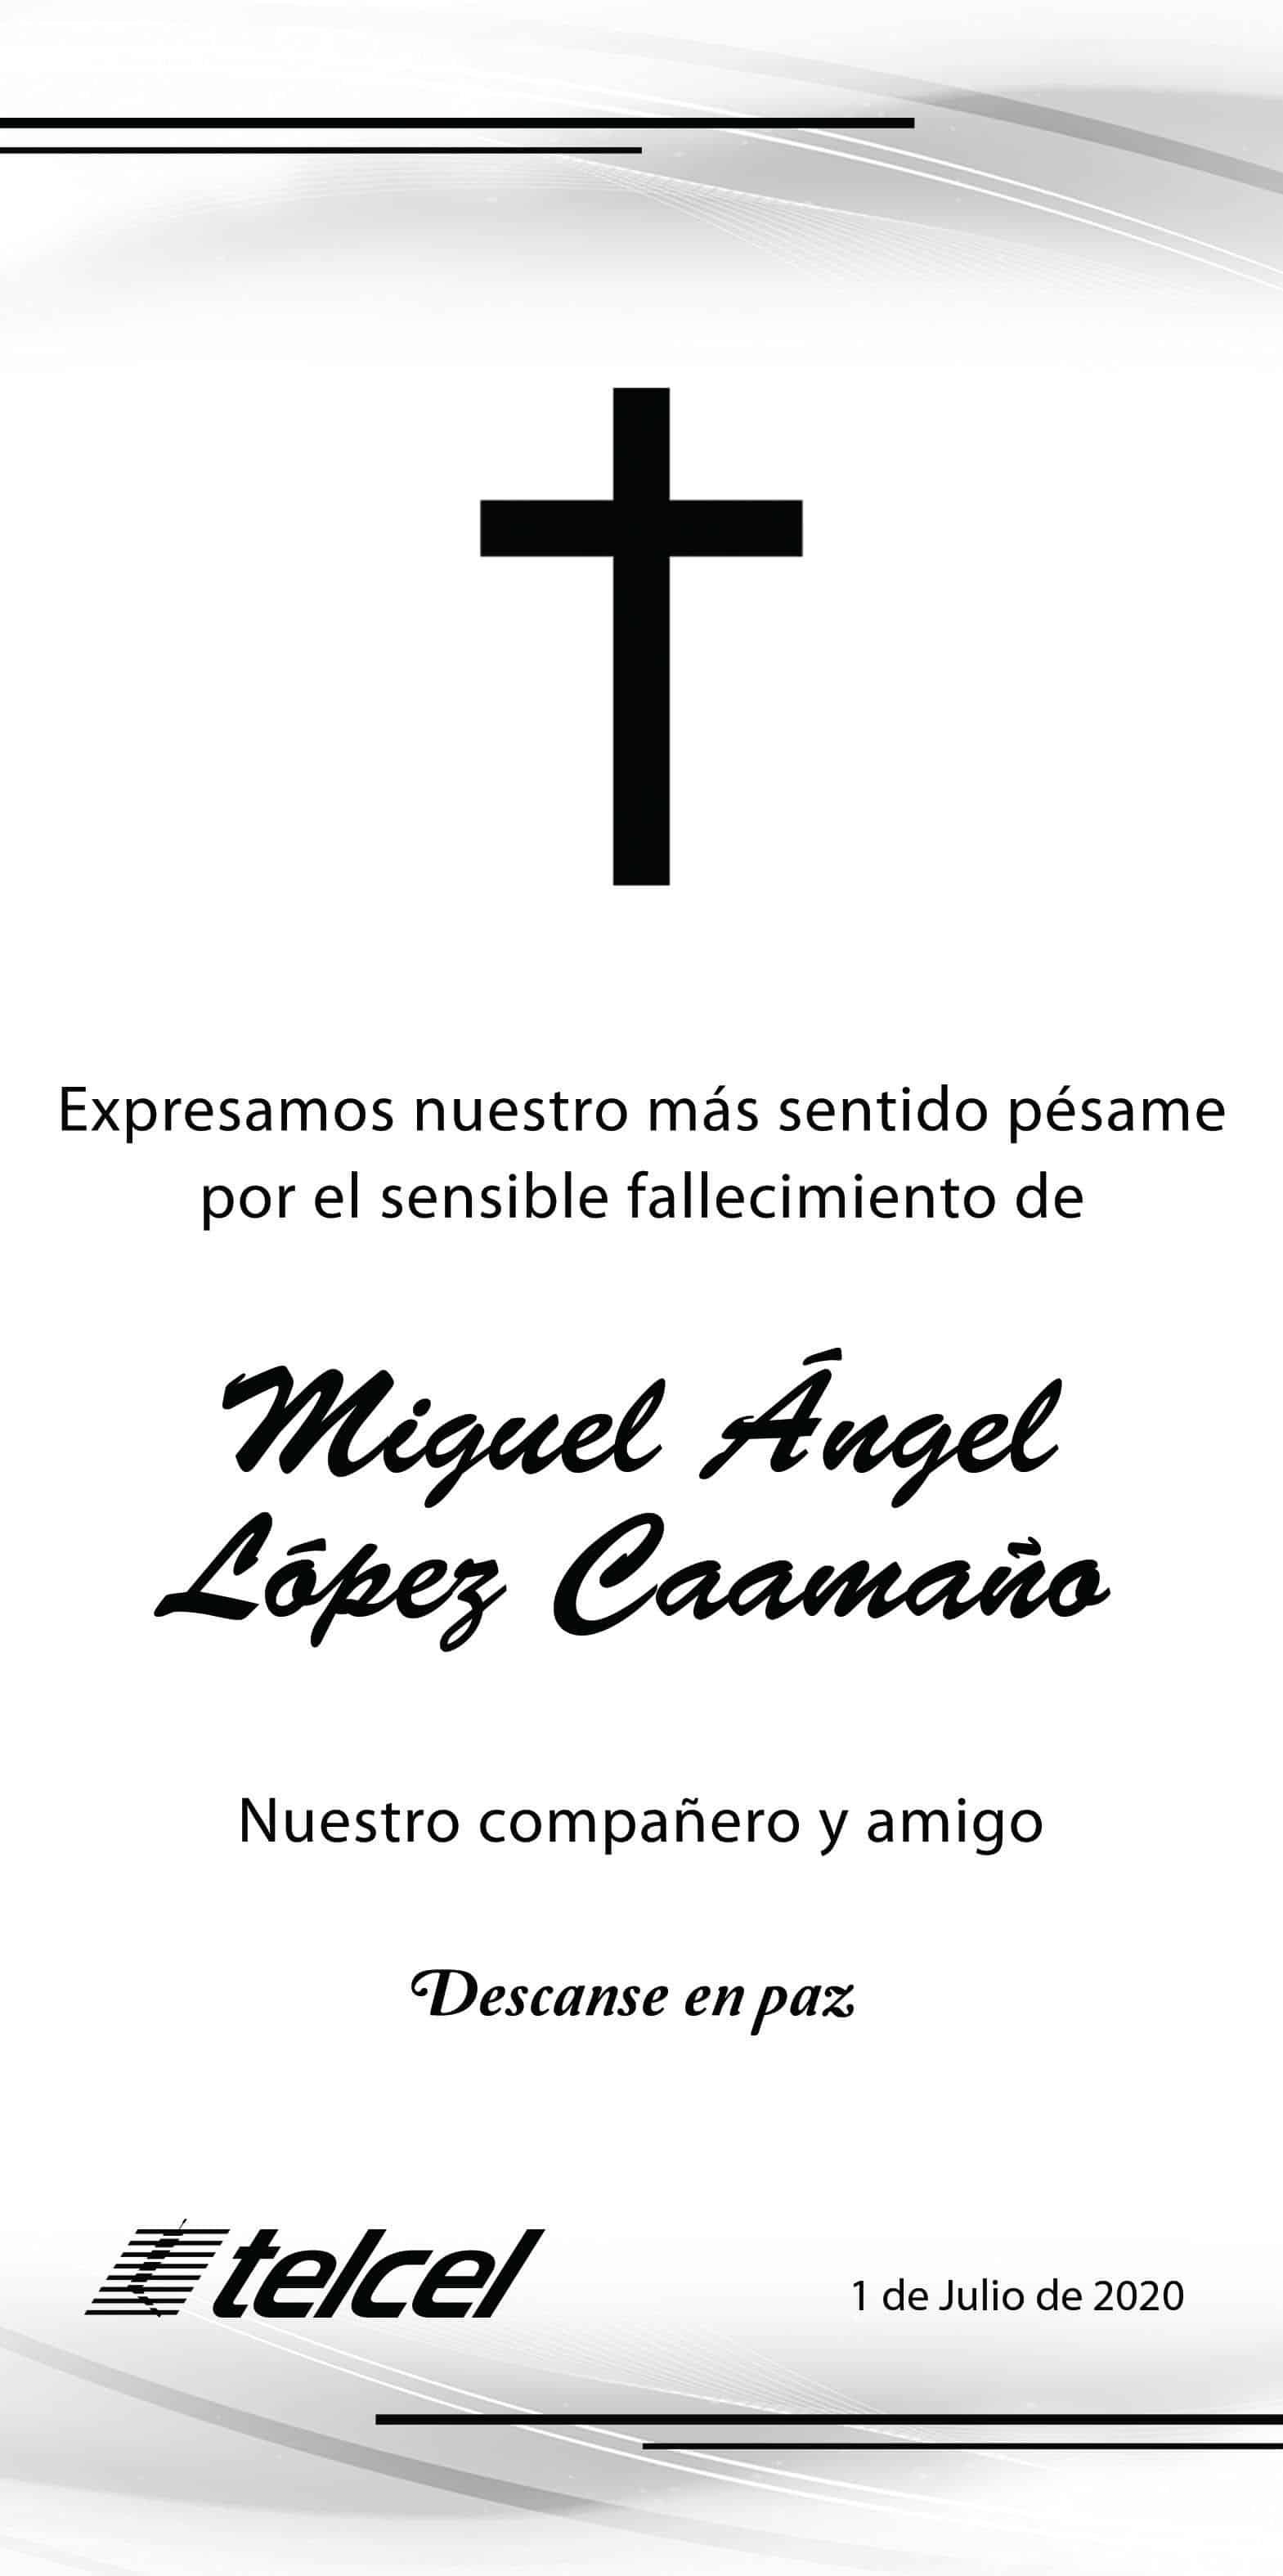 Miguel Ángel López Caamaño